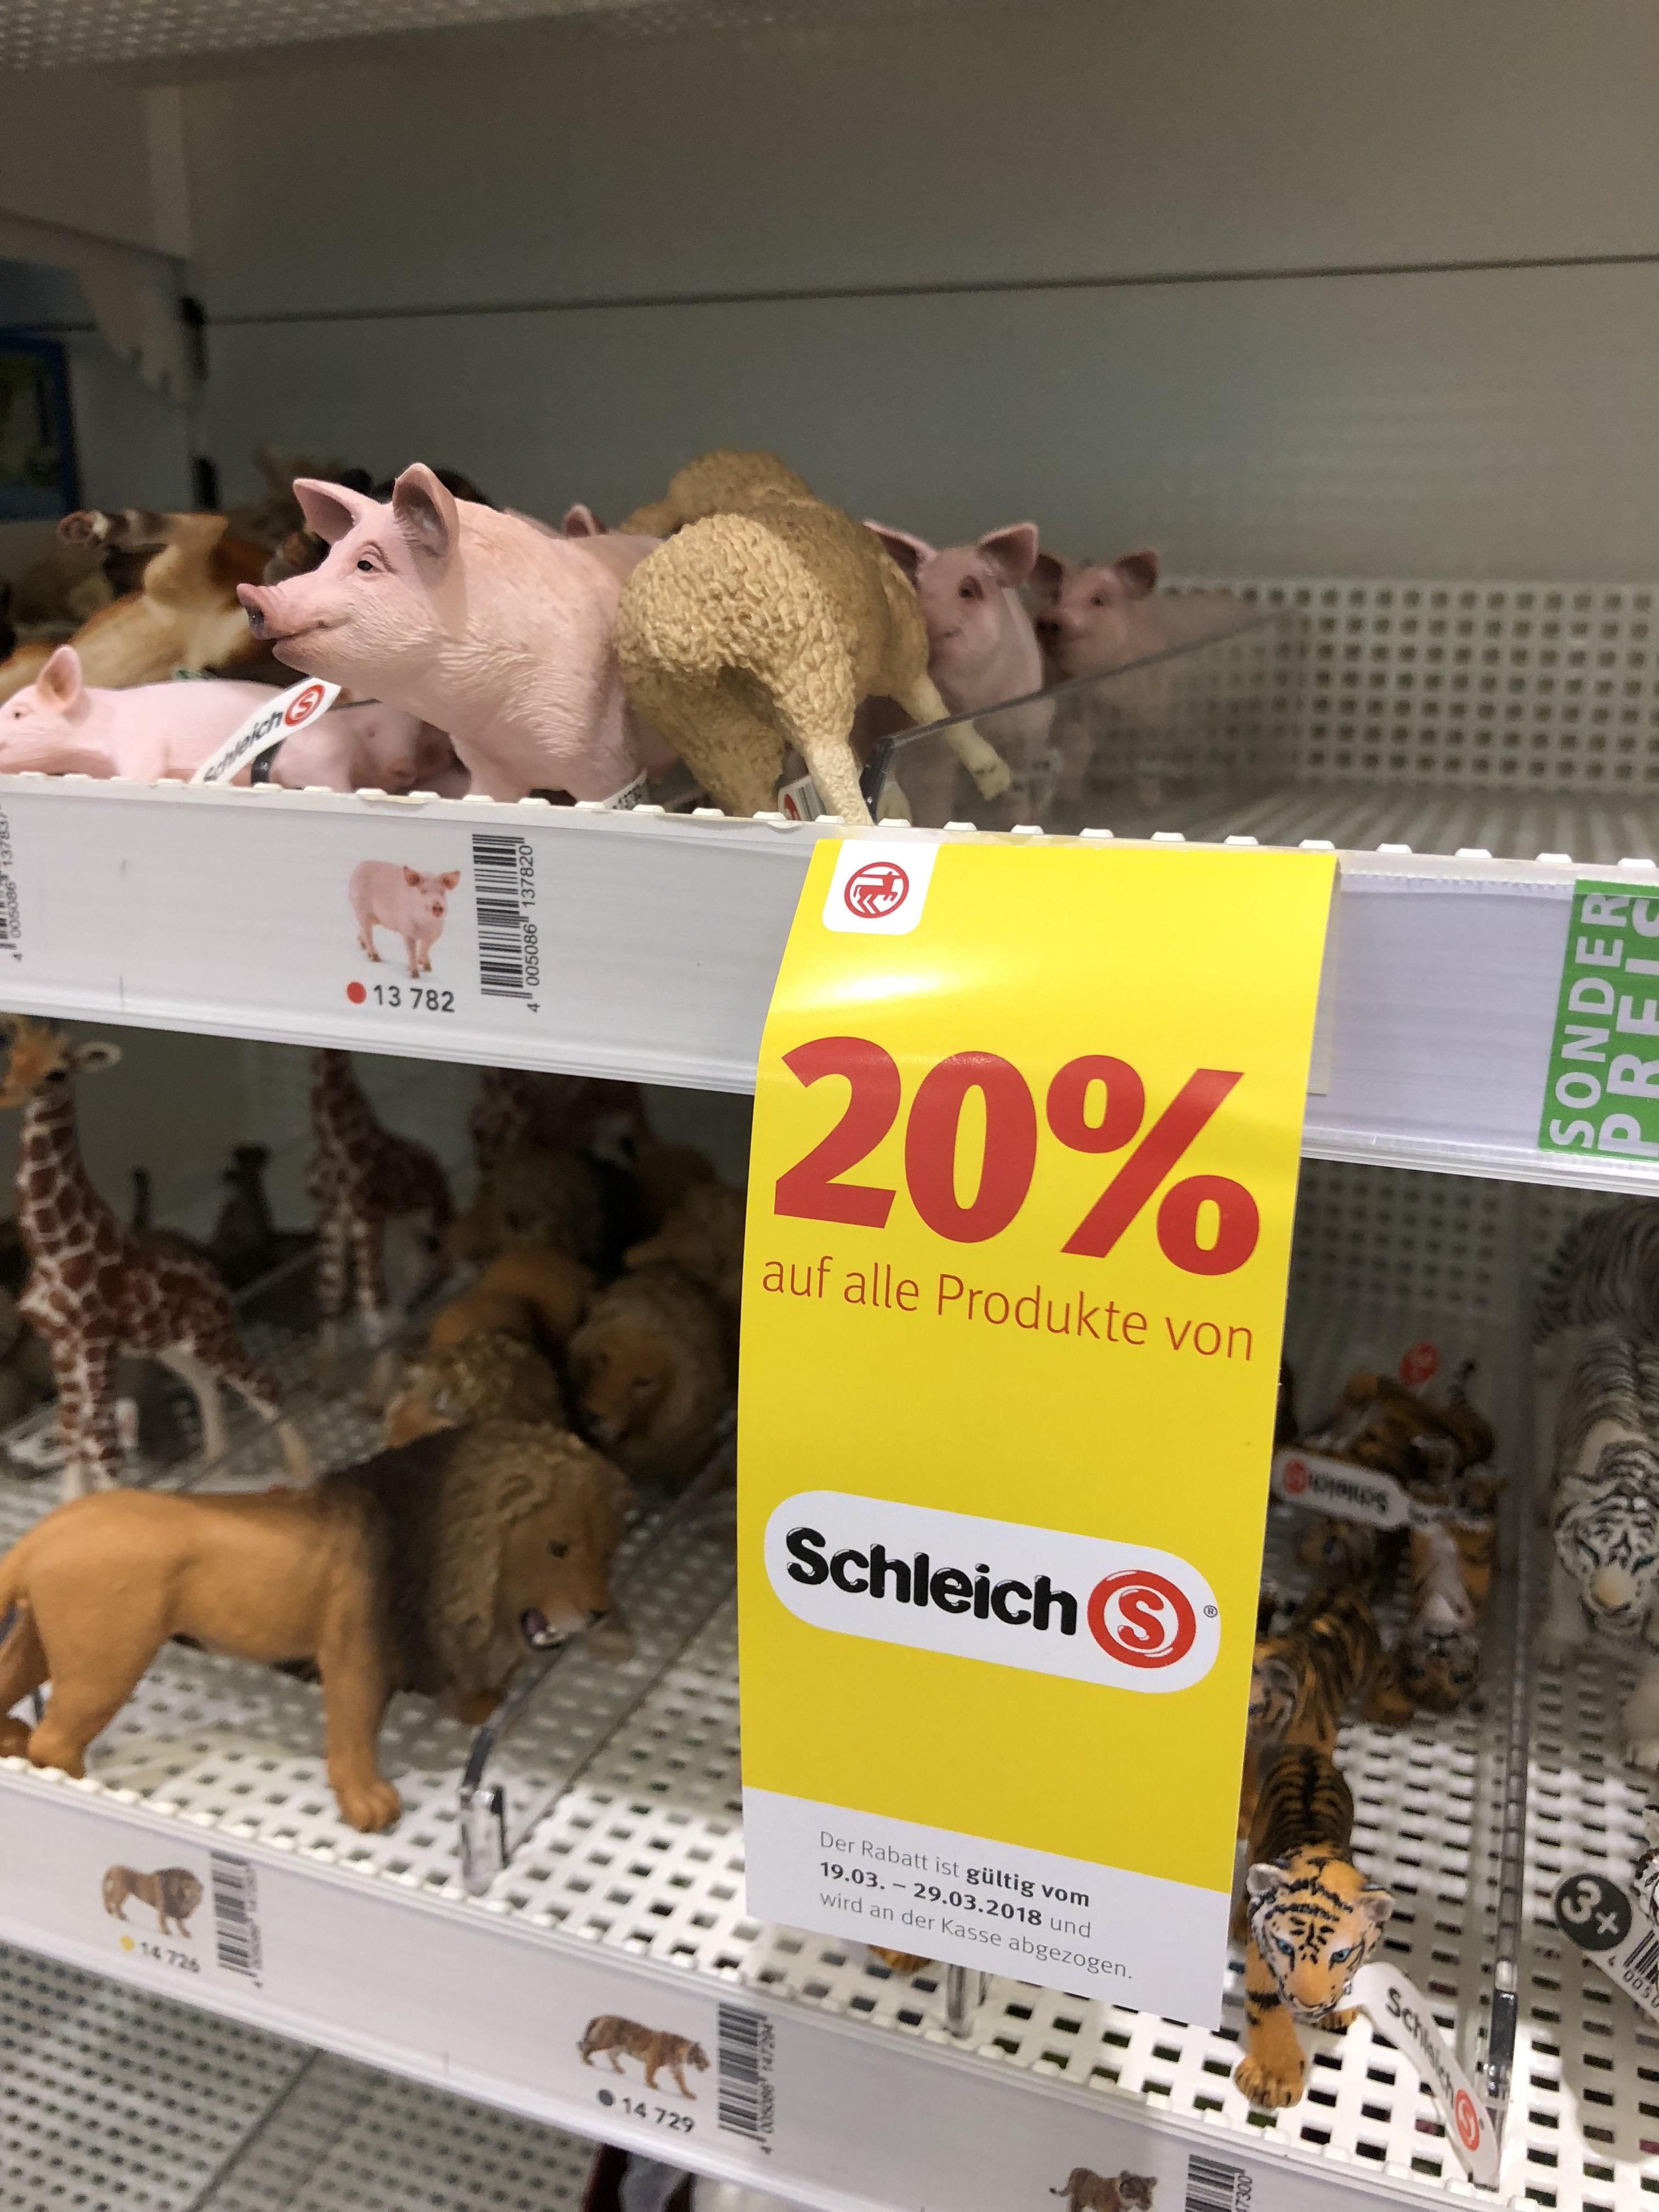 20% auf Schleich-Figuren bei Rossmann (kombinierbar mit Greenlabel-Preisen)